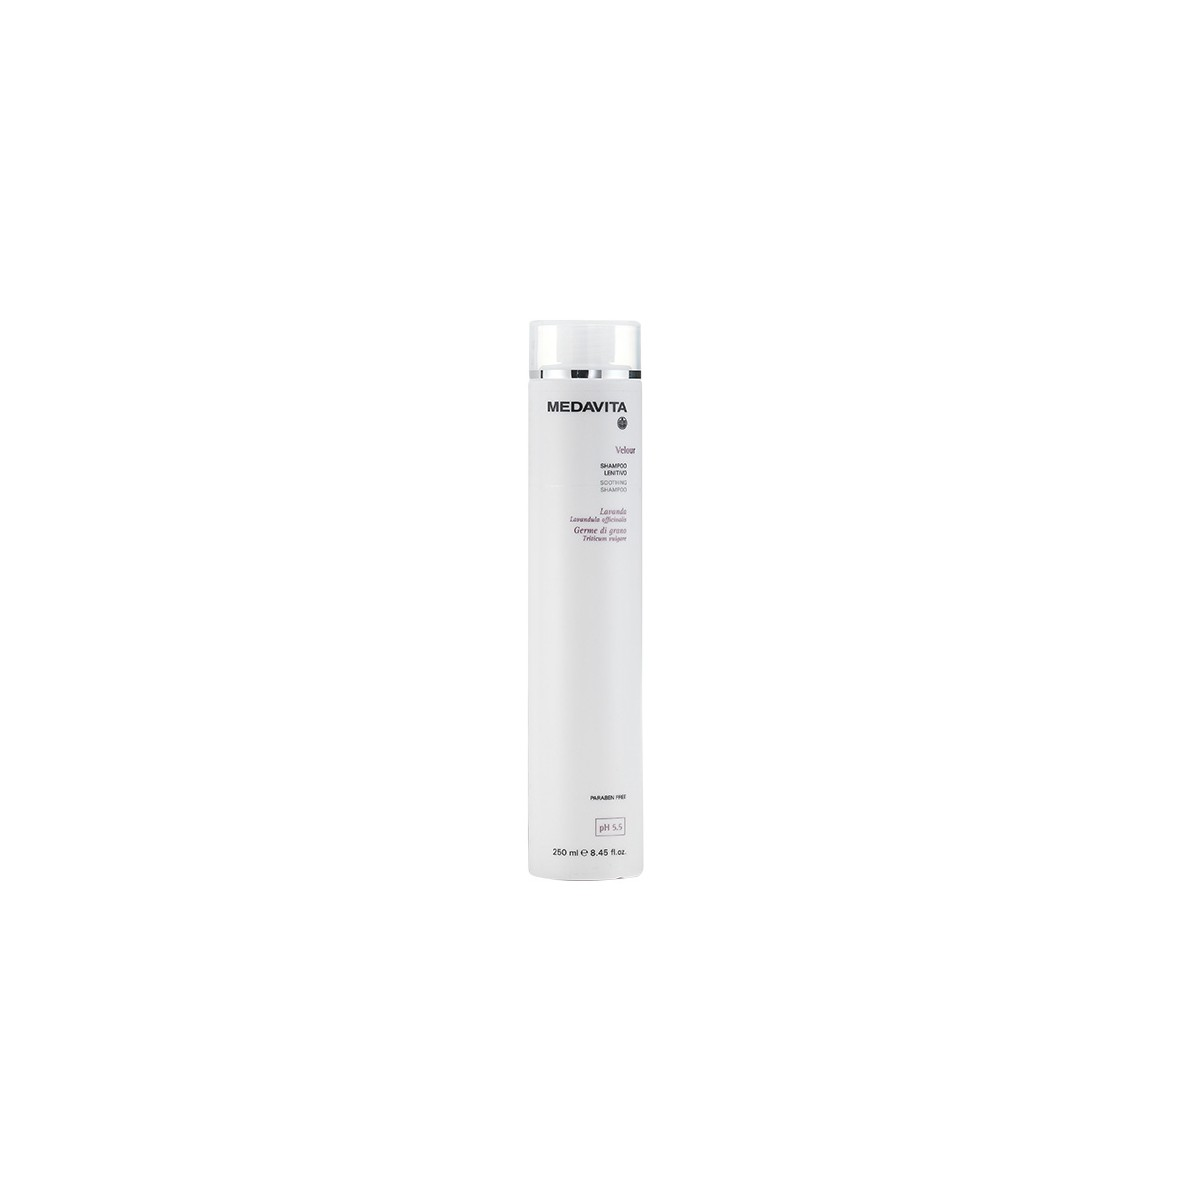 MEDAVITA Velour Shampoo Lenitivo 250ml - Szampon łagodzący do wrażliwej skóry głowy